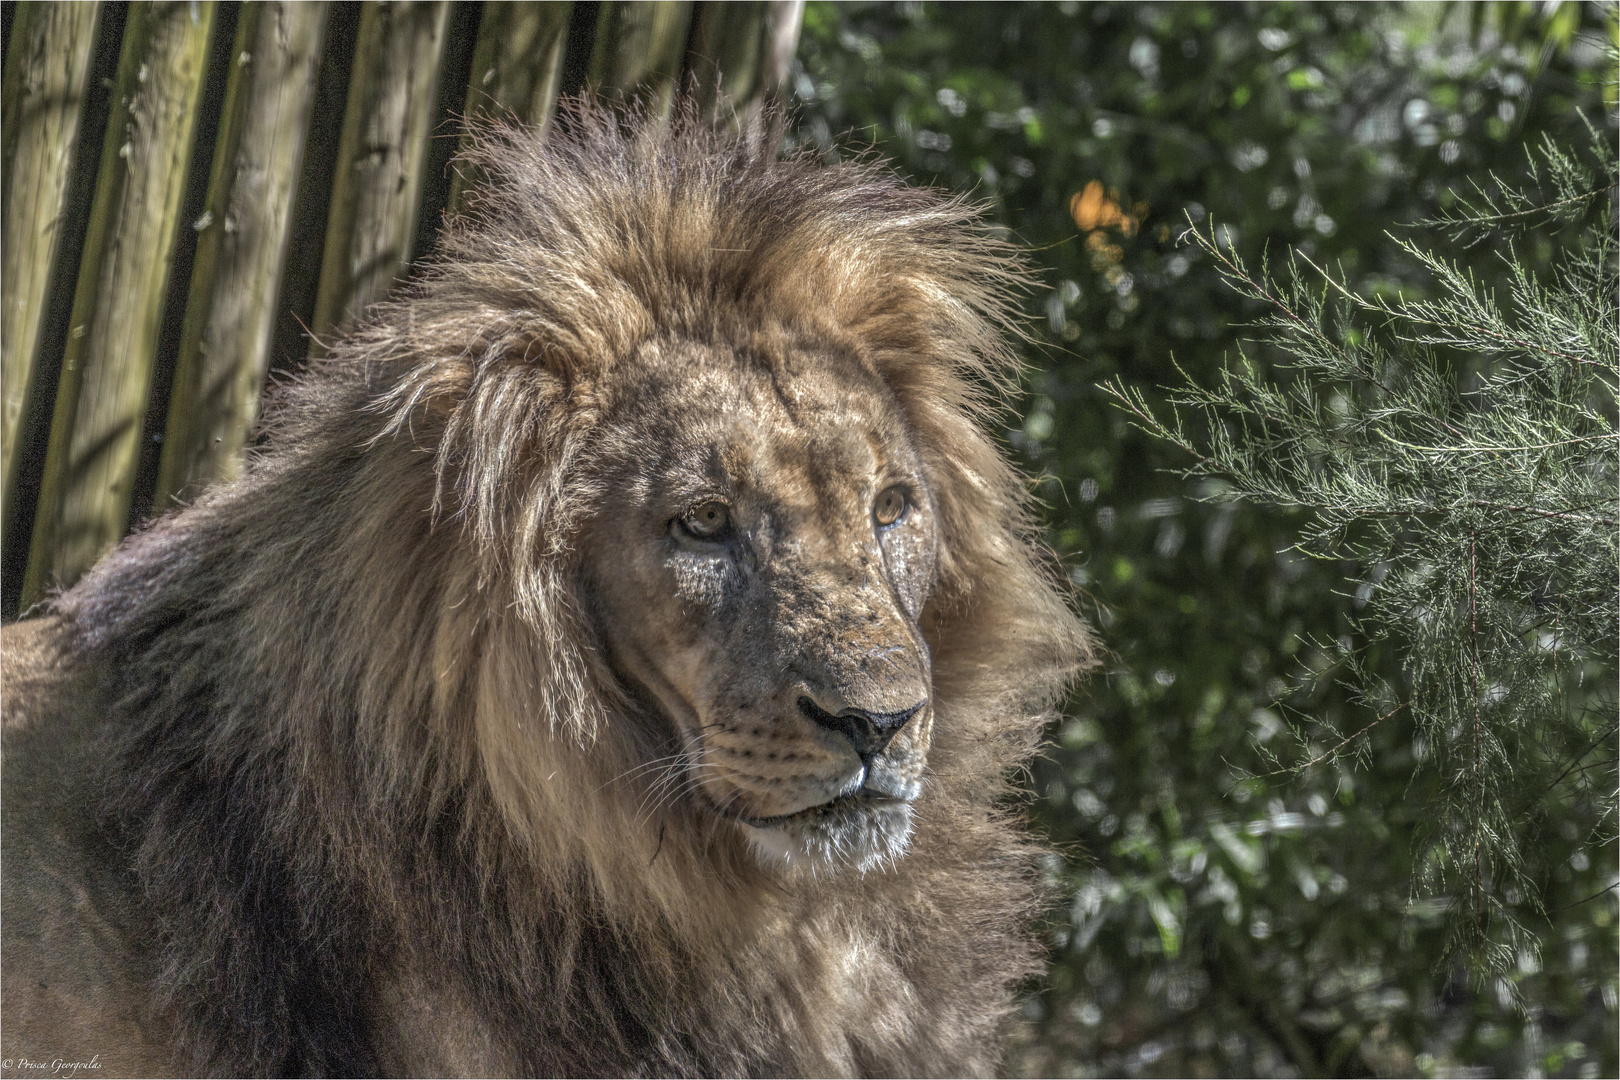 King Lion - Panthera leo